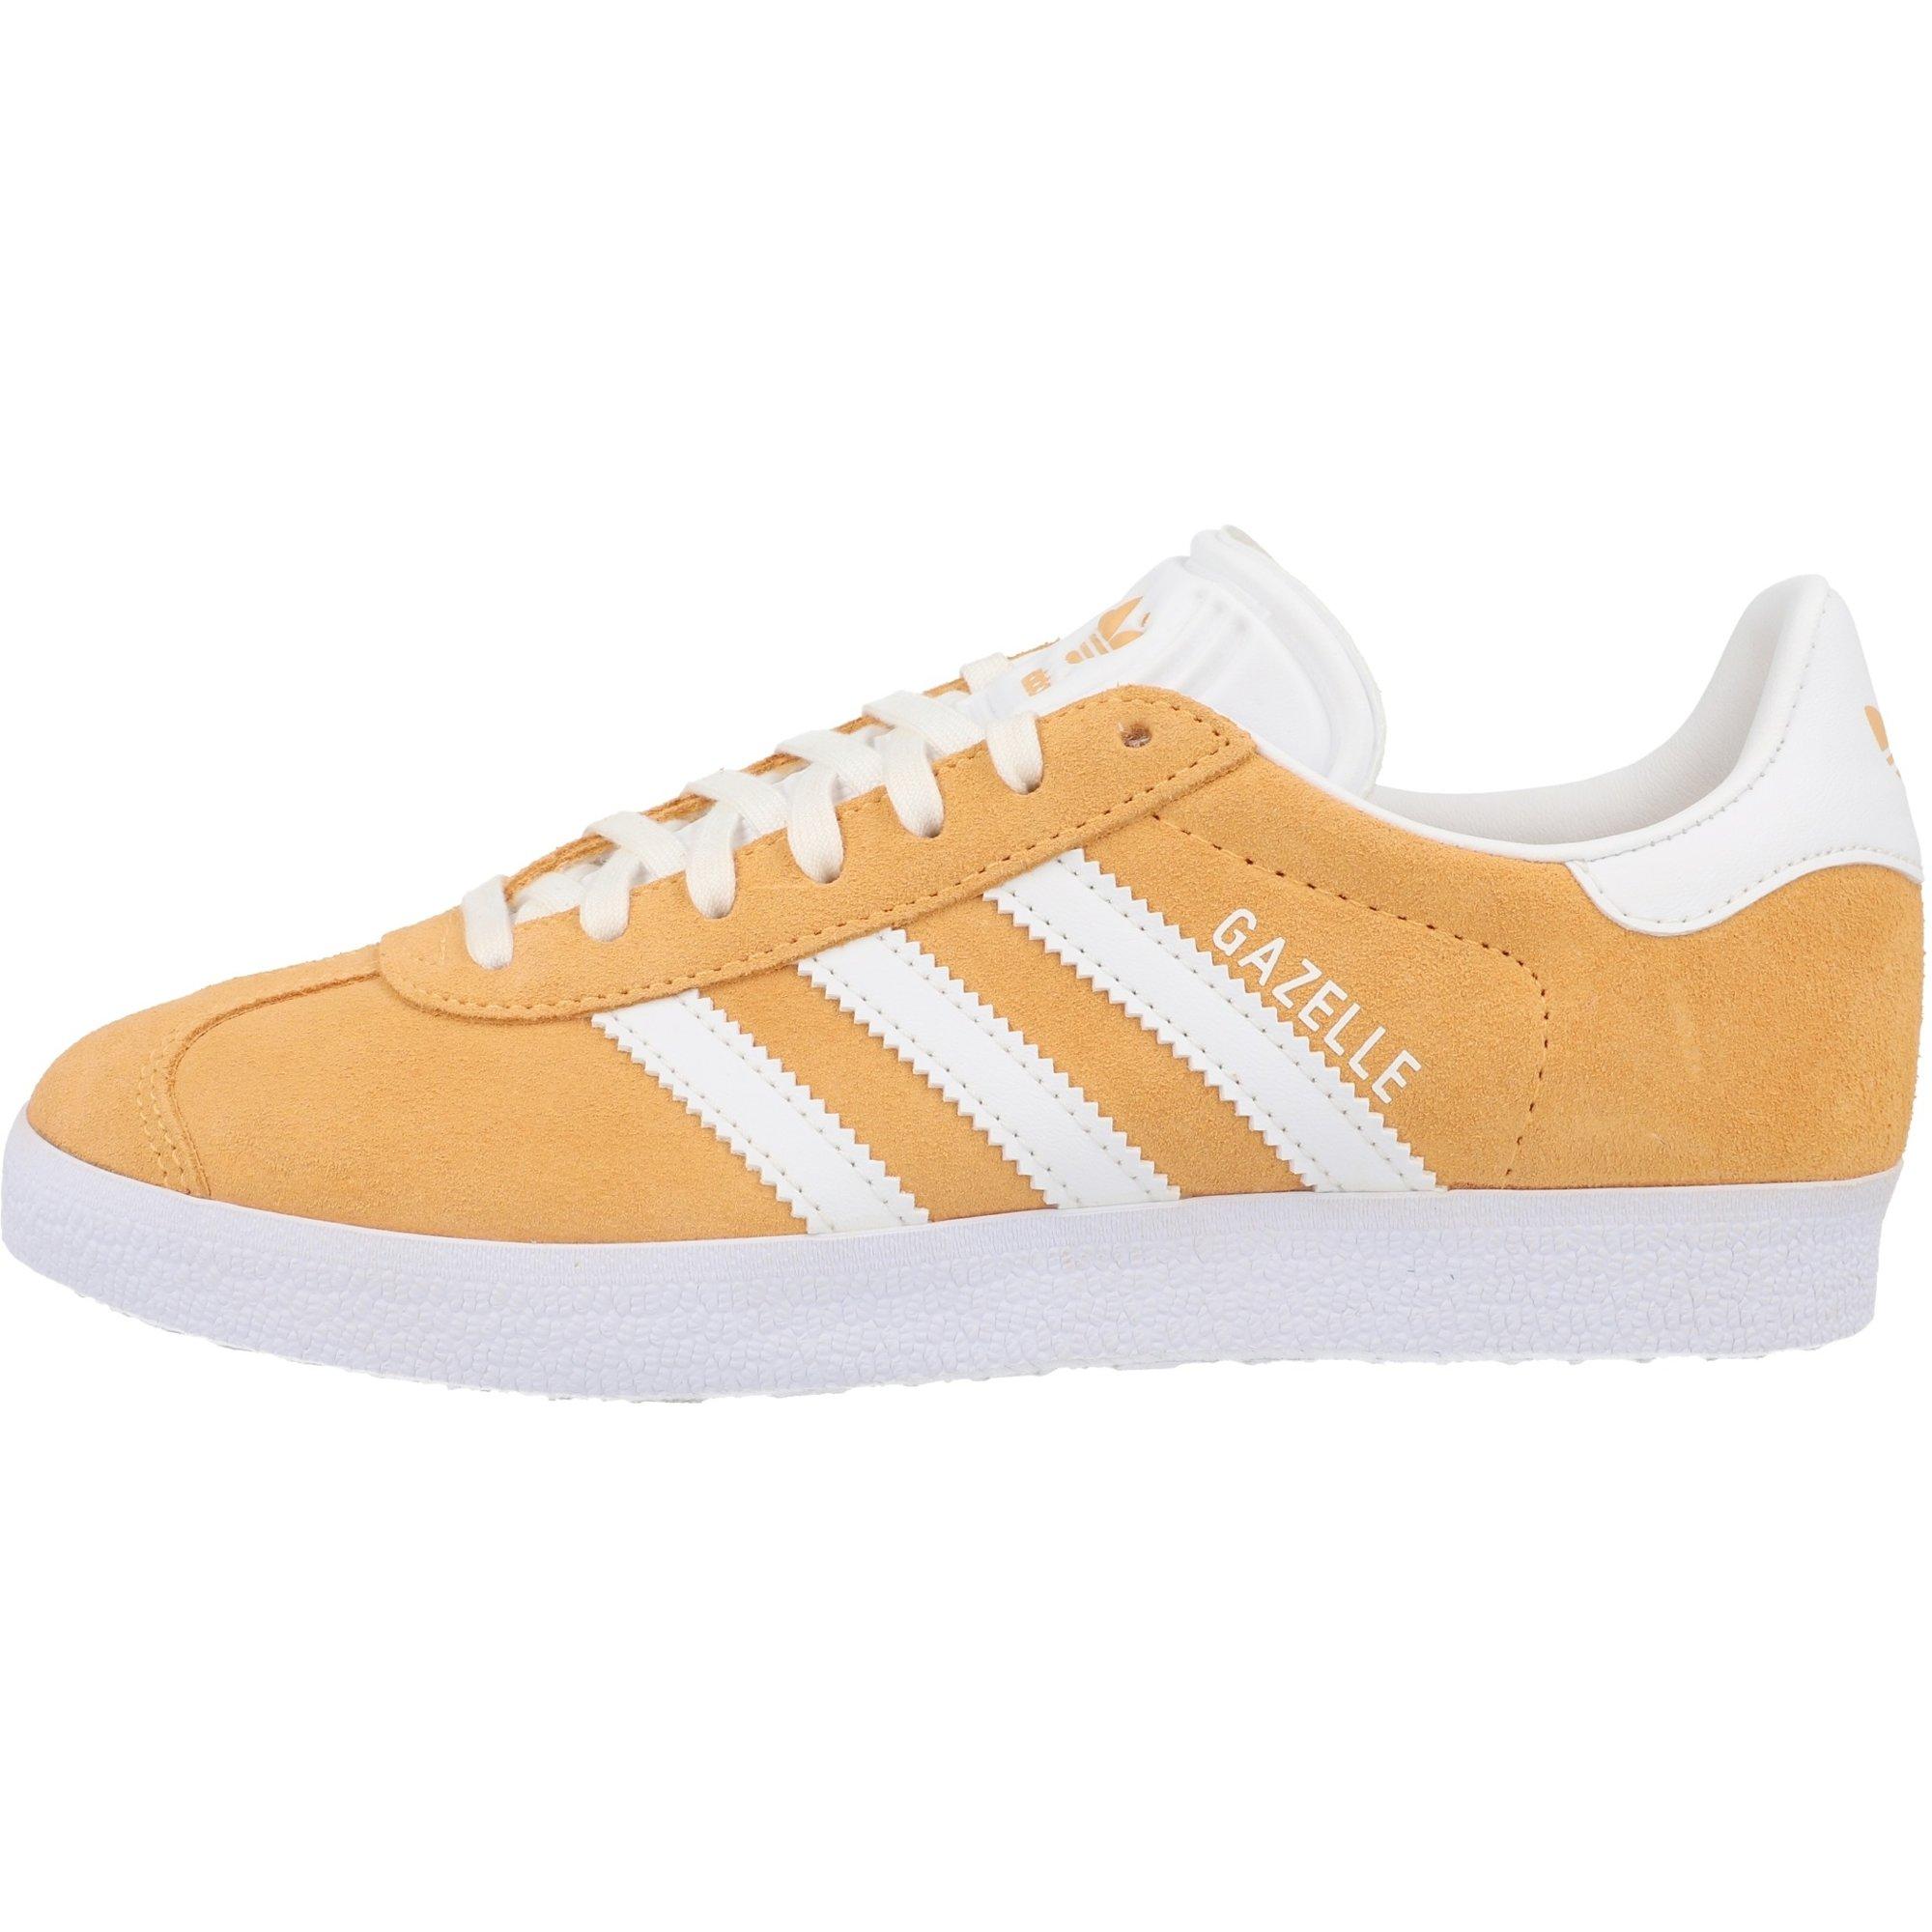 adidas Originals Gazelle W Orange/Blanc Cuir Adulte